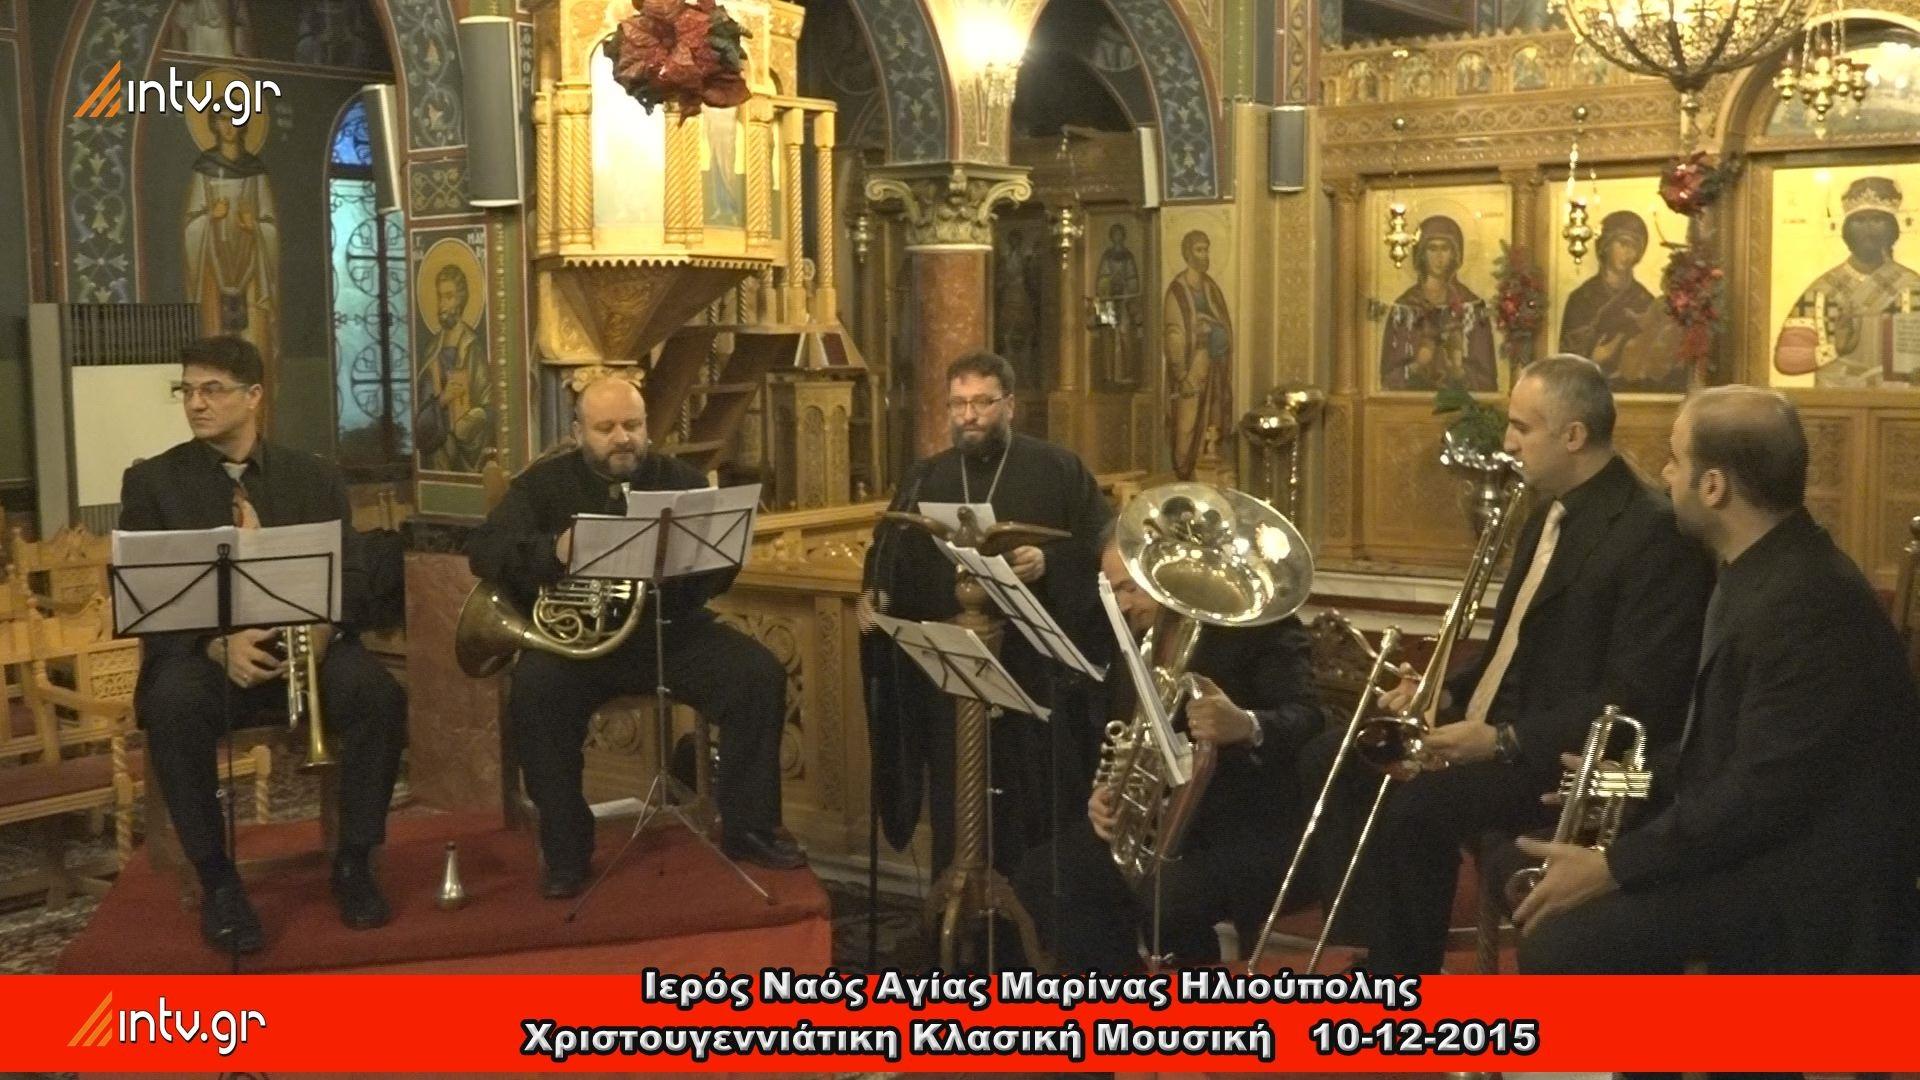 Ιερός Ναός Αγίας Μαρίνης Ηλιουπόλεως - Χριστουγεννιάτικη κλασική μουσική.